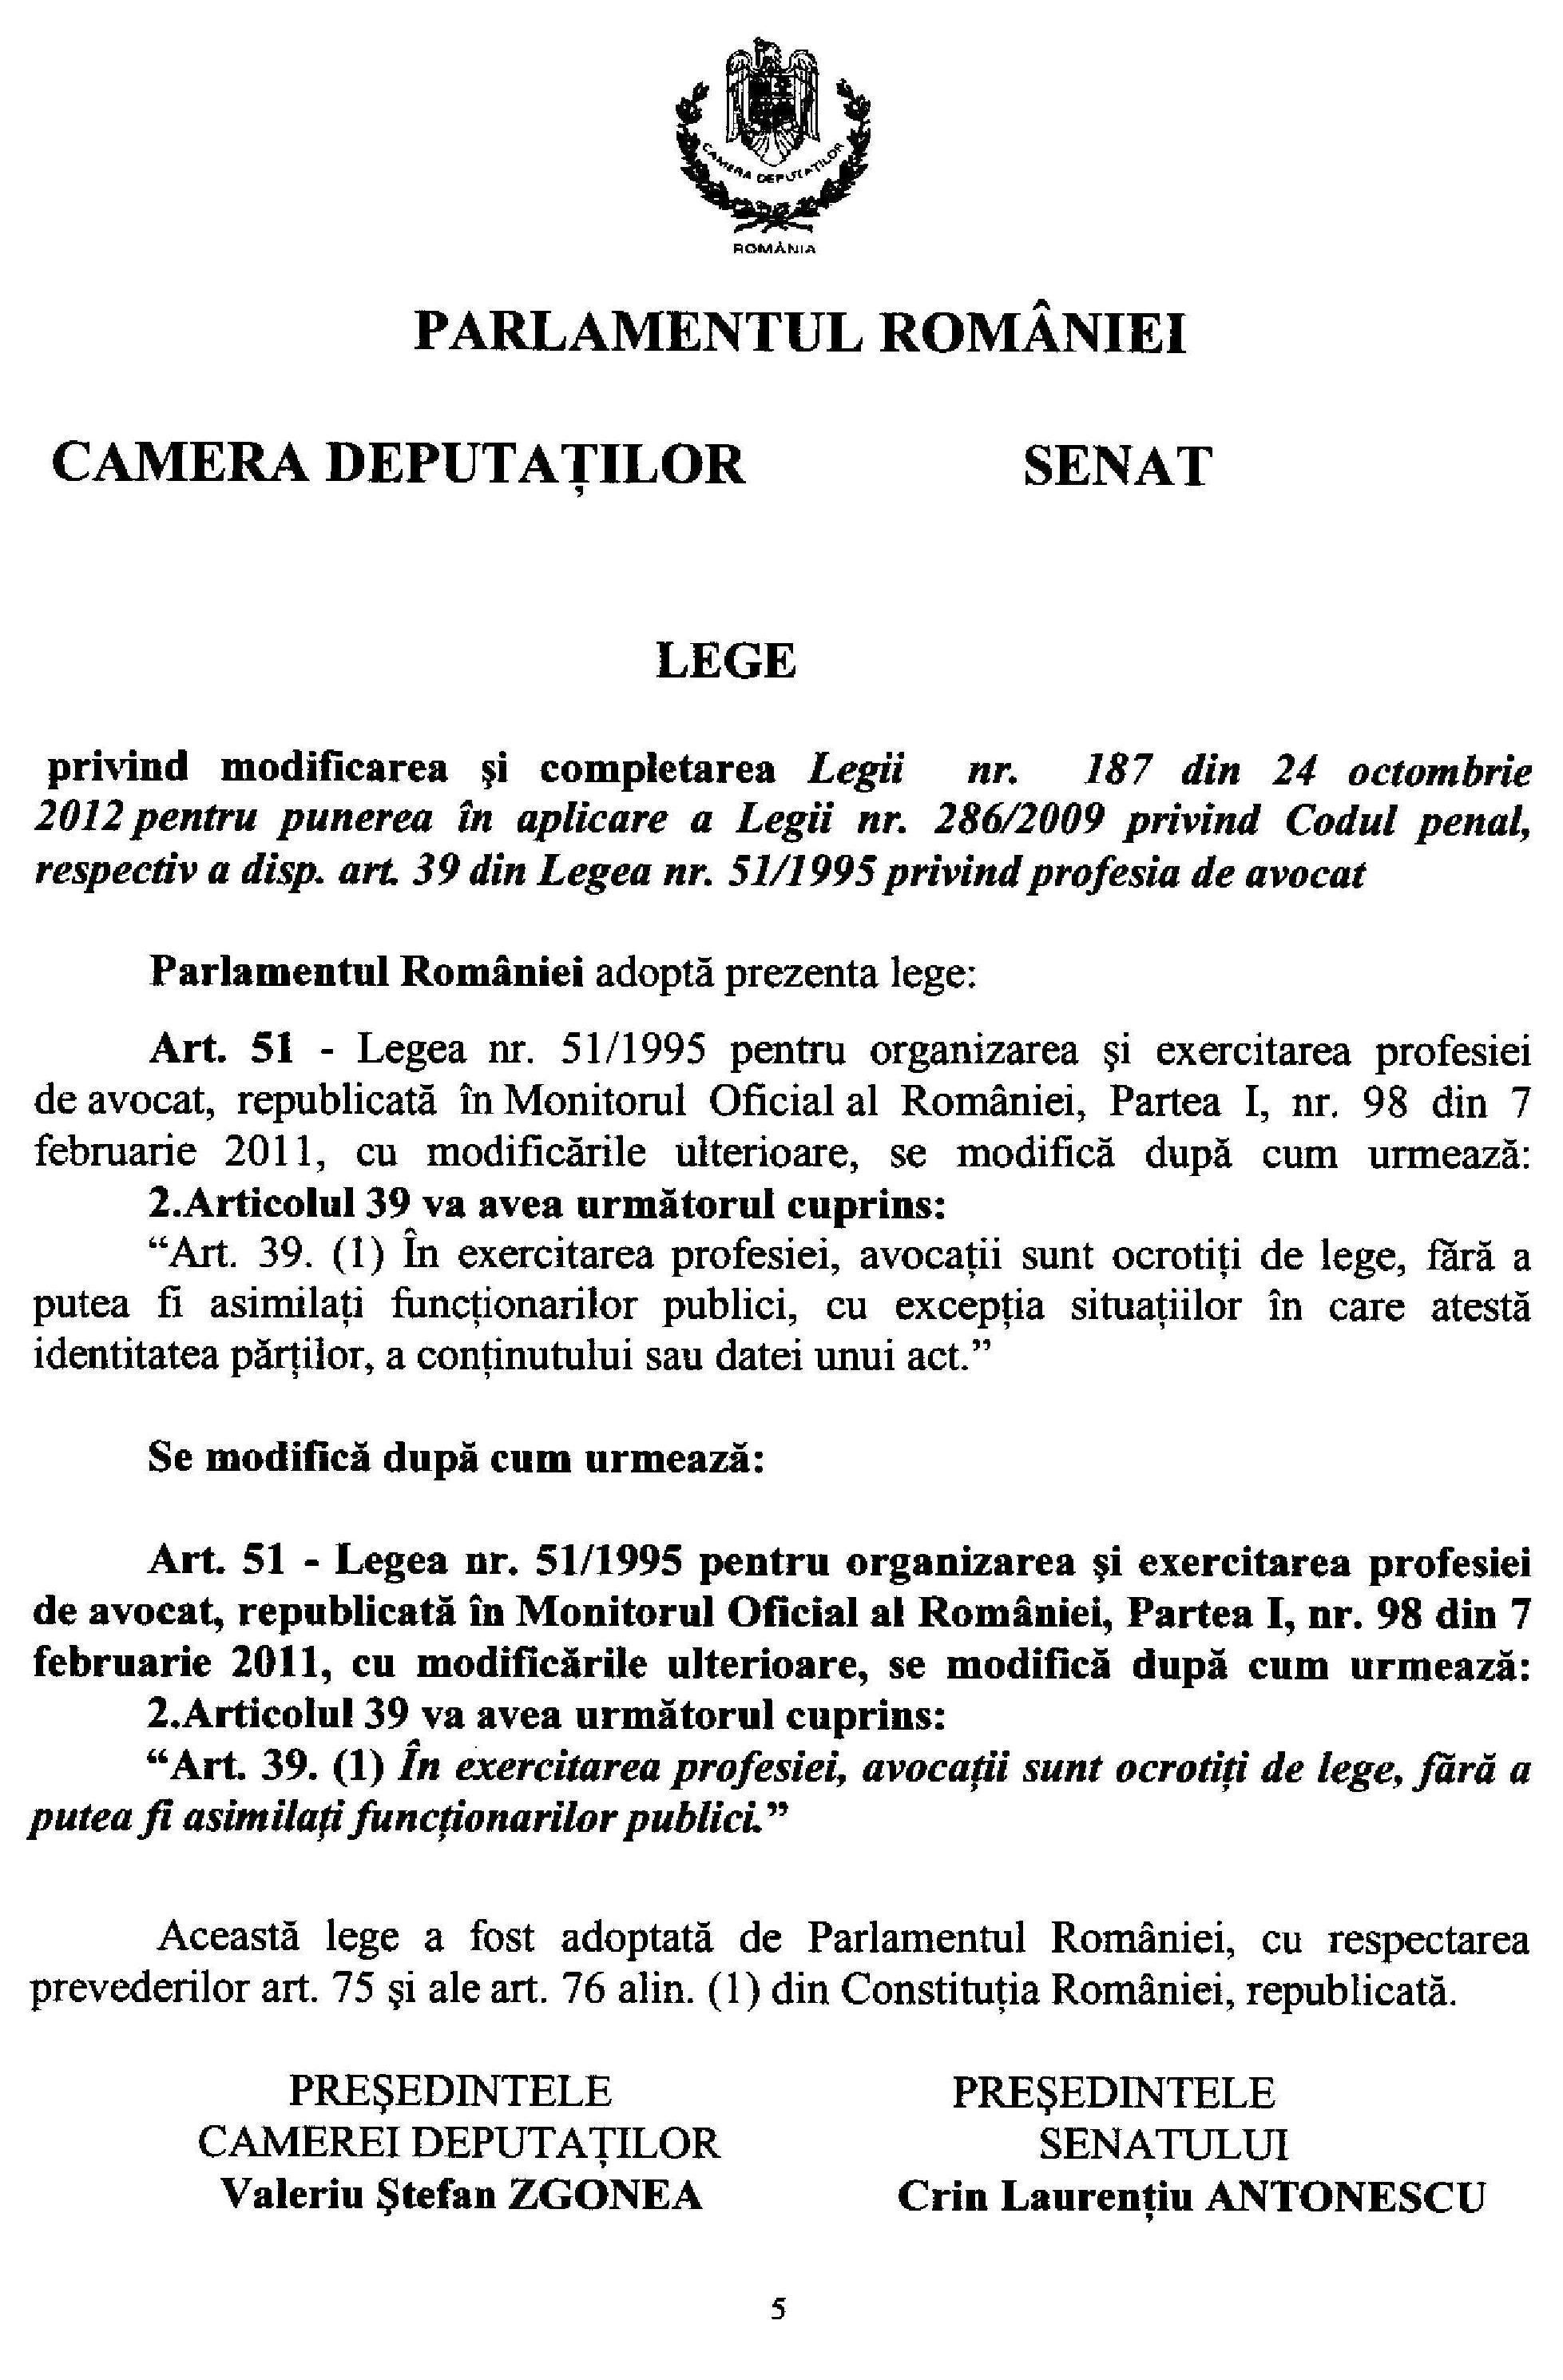 PROIECT DE LEGE_729-1-page-001